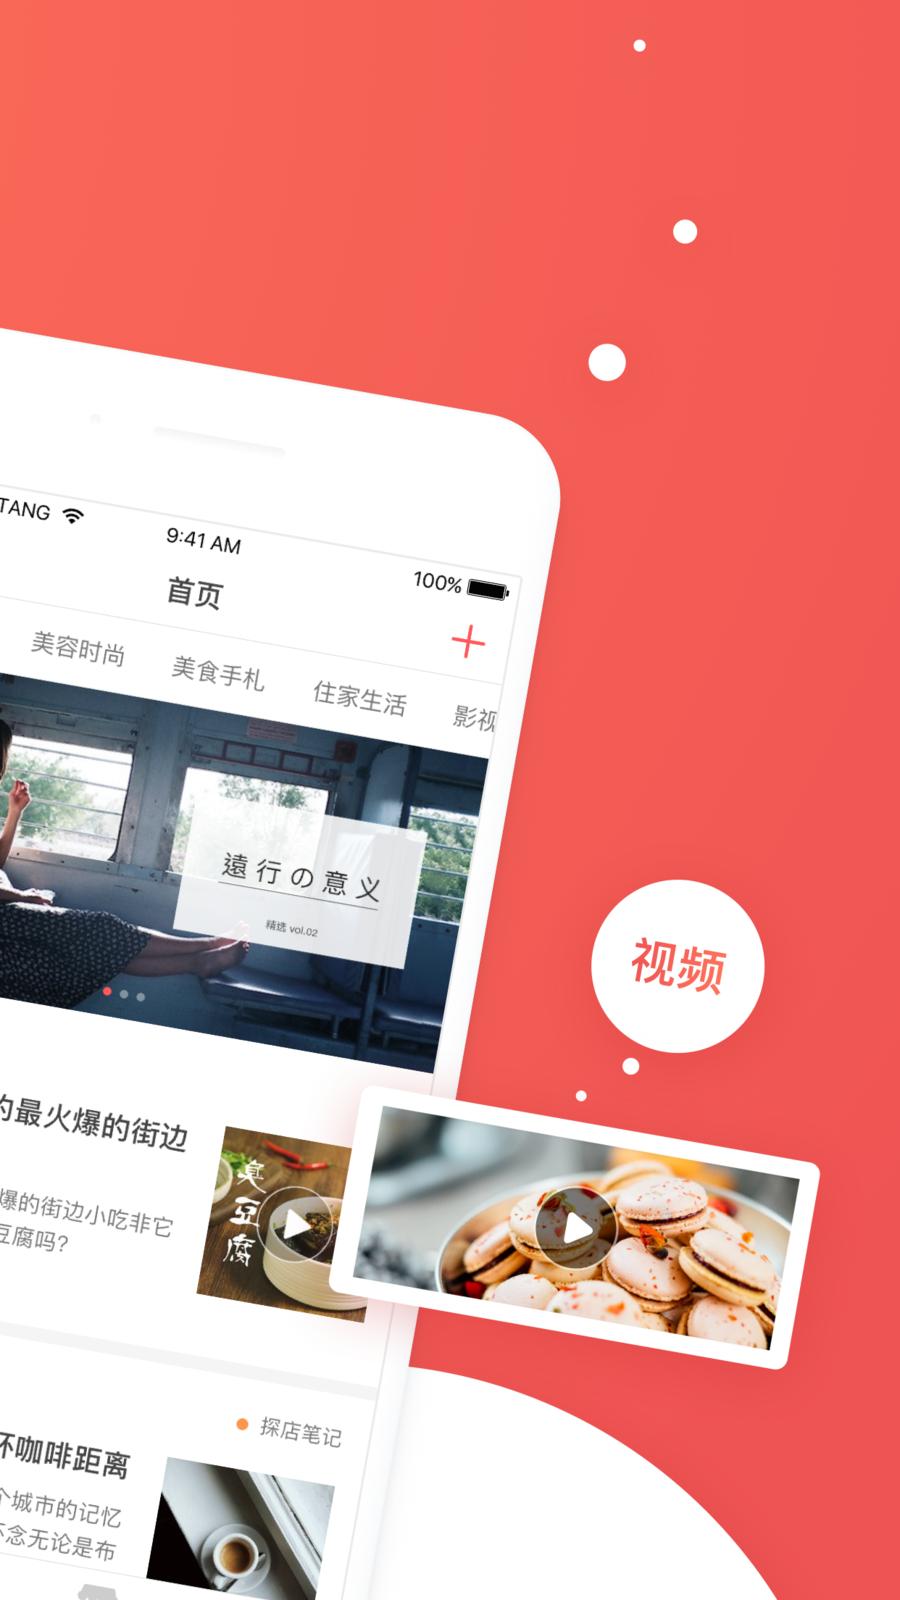 只能在ios 设备上的app store 获取此app 堆糖 美好生活研究所12 生活百科全书duitang co ltd 生活 类第105 名4 5 1 7k 个评分免费